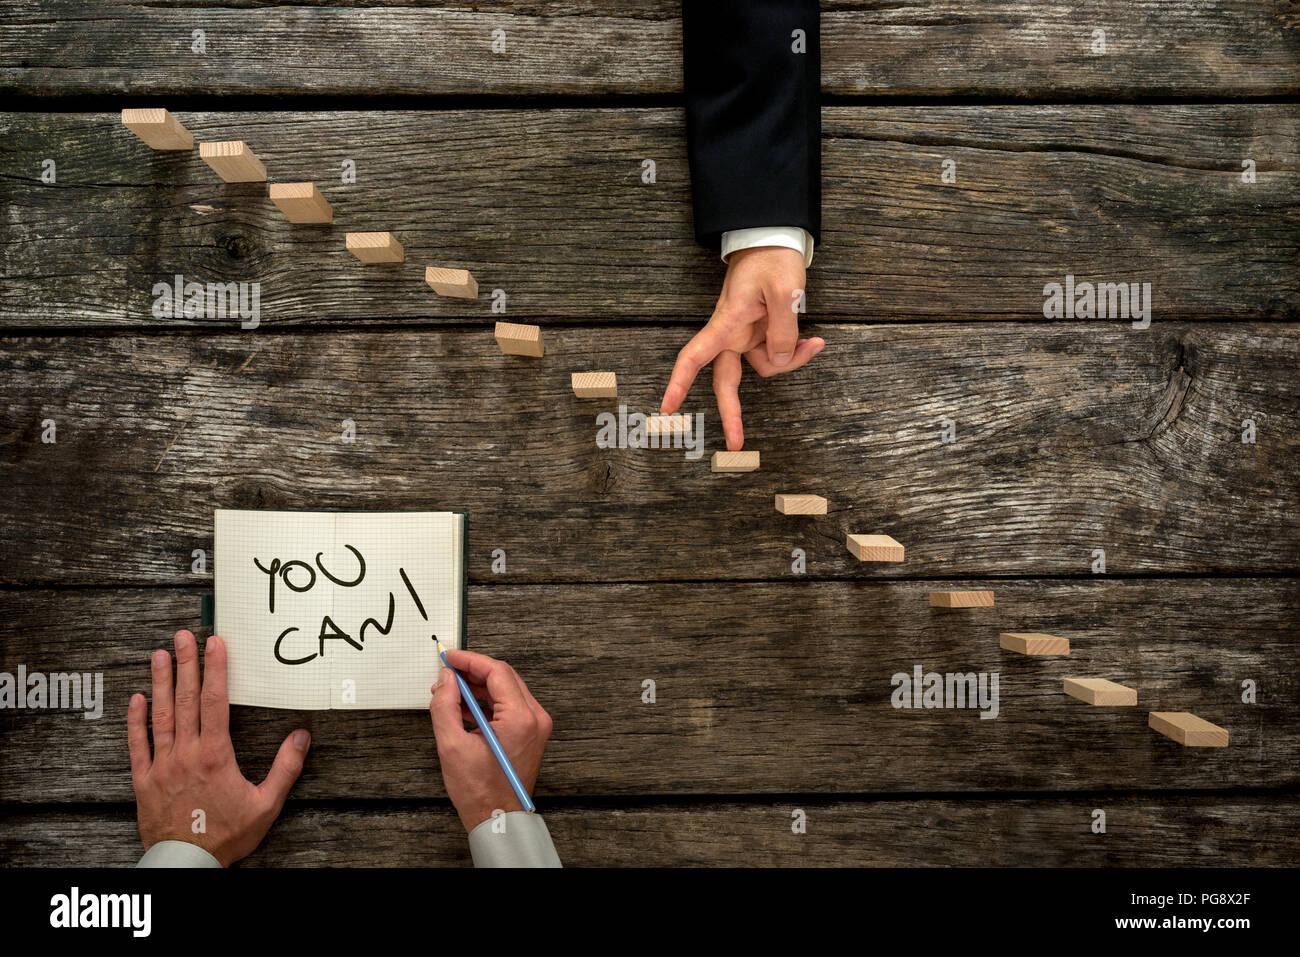 Imagen conceptual del crecimiento personal y el desarrollo profesional con el empresario caminar sus dedos hasta una escalera de madera mientras un colega o mentor encourag Imagen De Stock